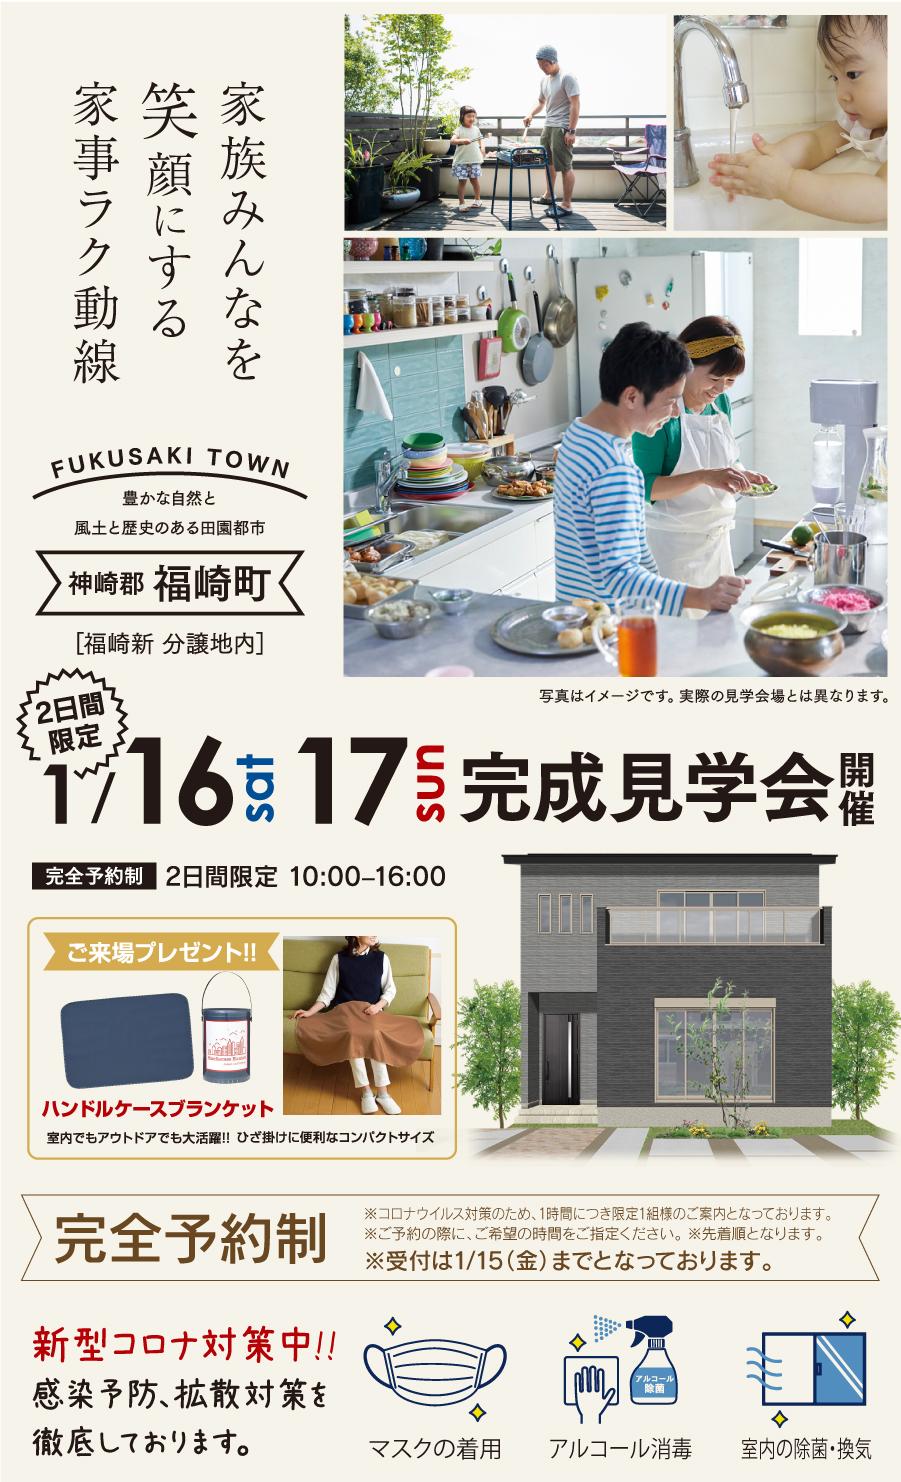 神崎郡福崎町にて家族みんなを笑顔にする家事ラク動線のお家完成見学会開催!完全予約制。新型コロナ対策中。